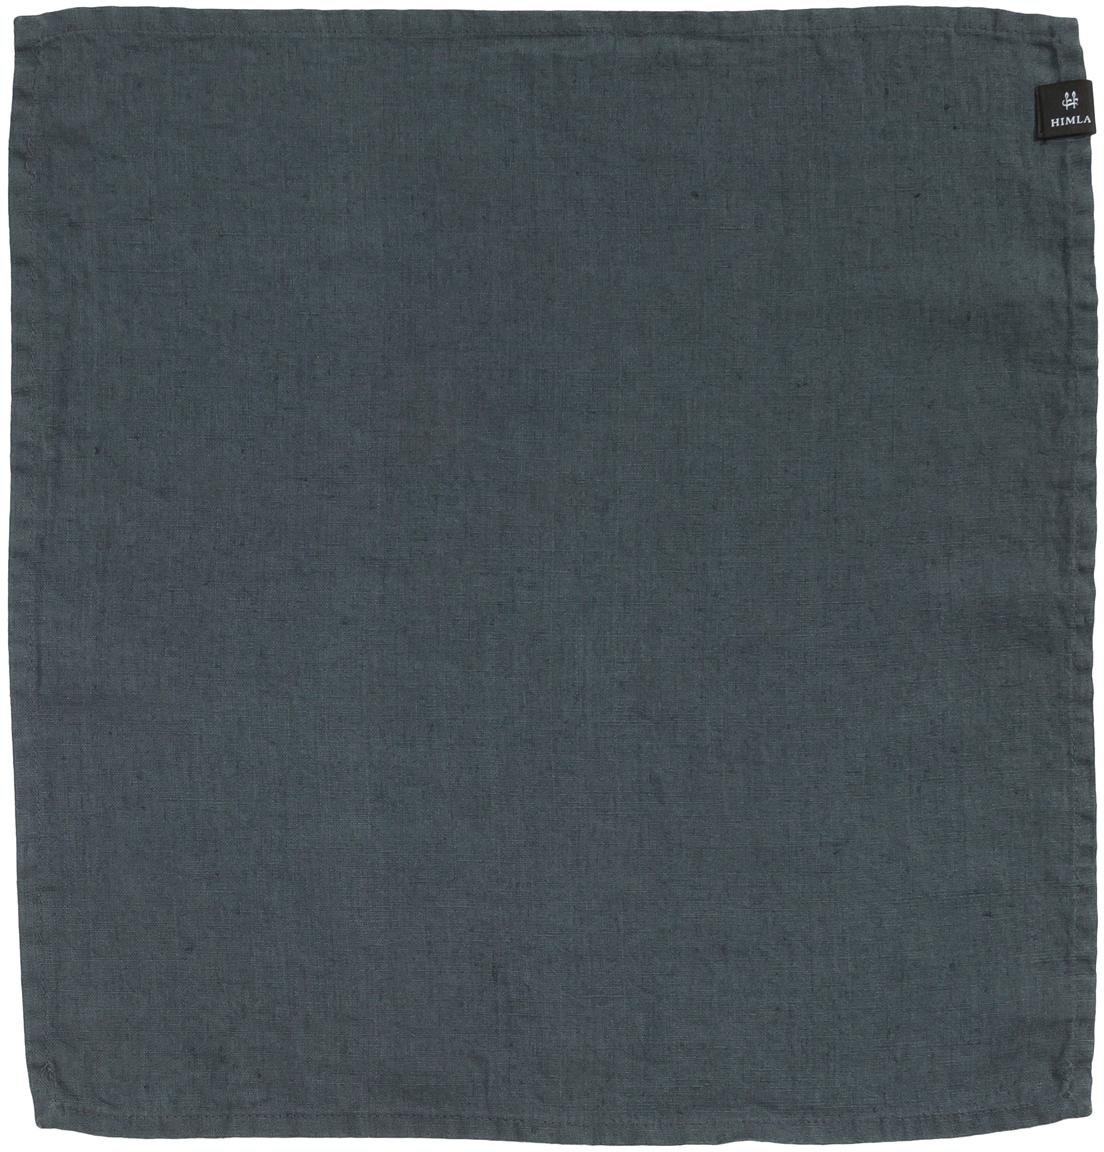 Tovagliolo in lino Sunshine 4 pz, Lino, Grigio scuro, Larghezza 45 cm x Lunghezza 45 cm